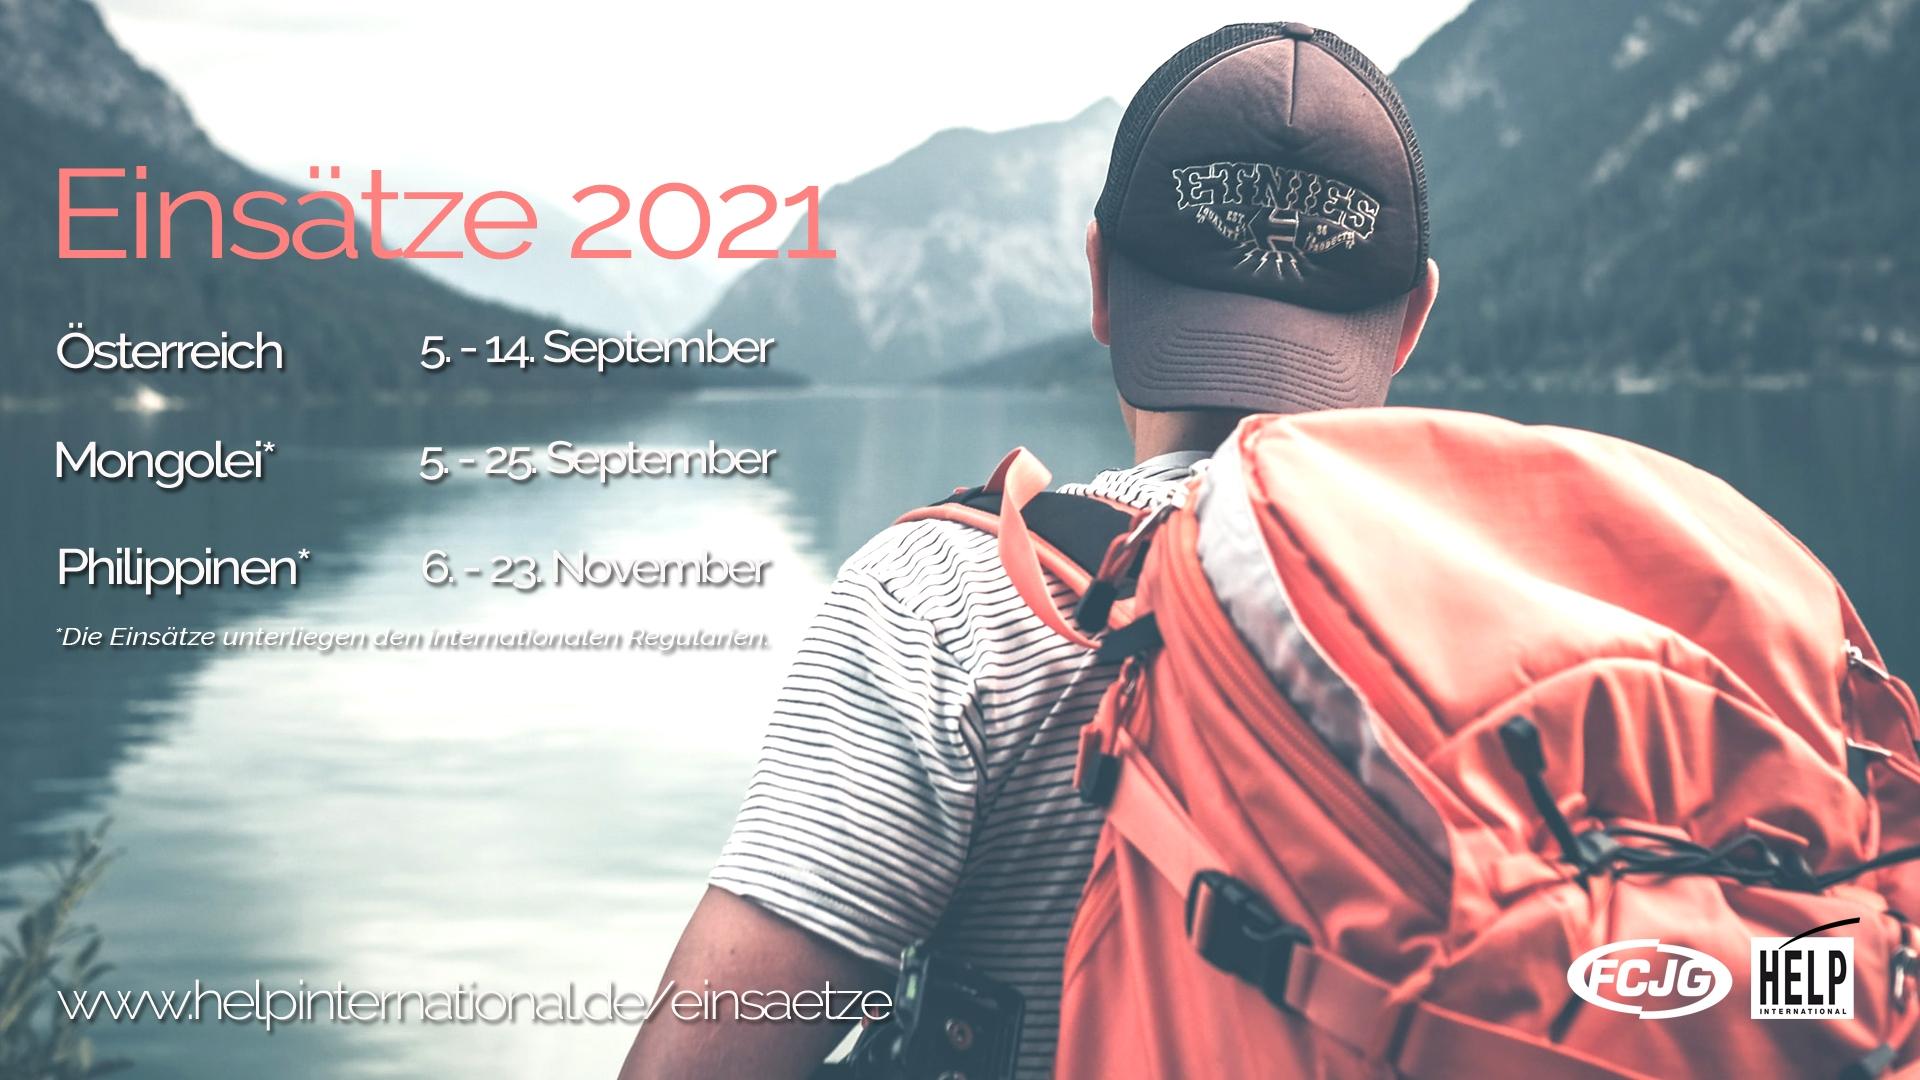 Einsaetze 2021